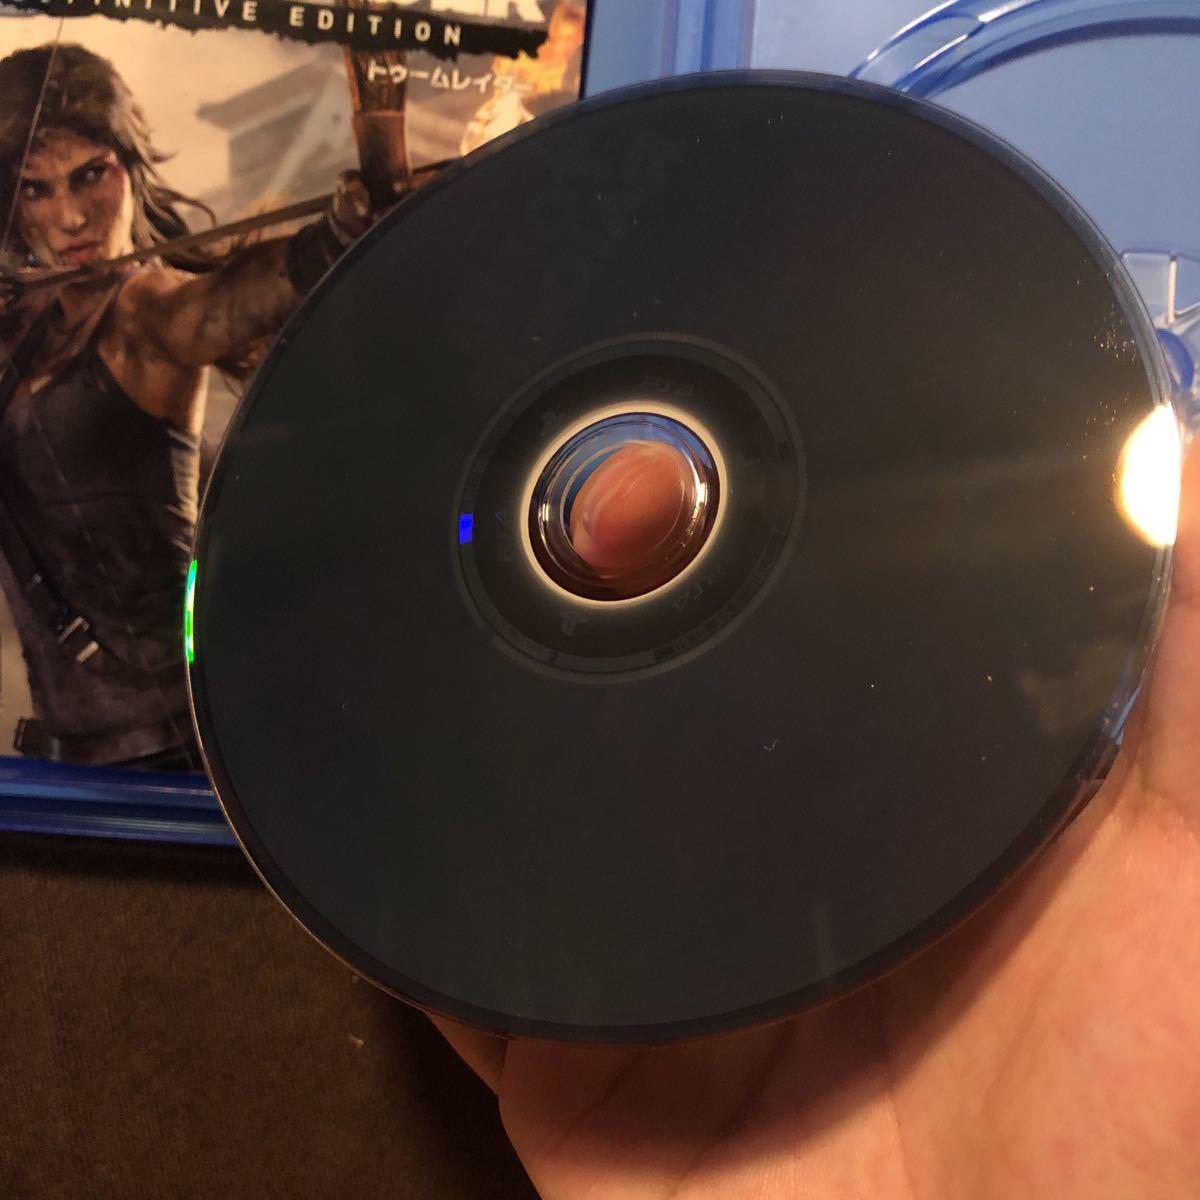 送料無料 トゥームレイダー ディフィニティブ エディション PS4